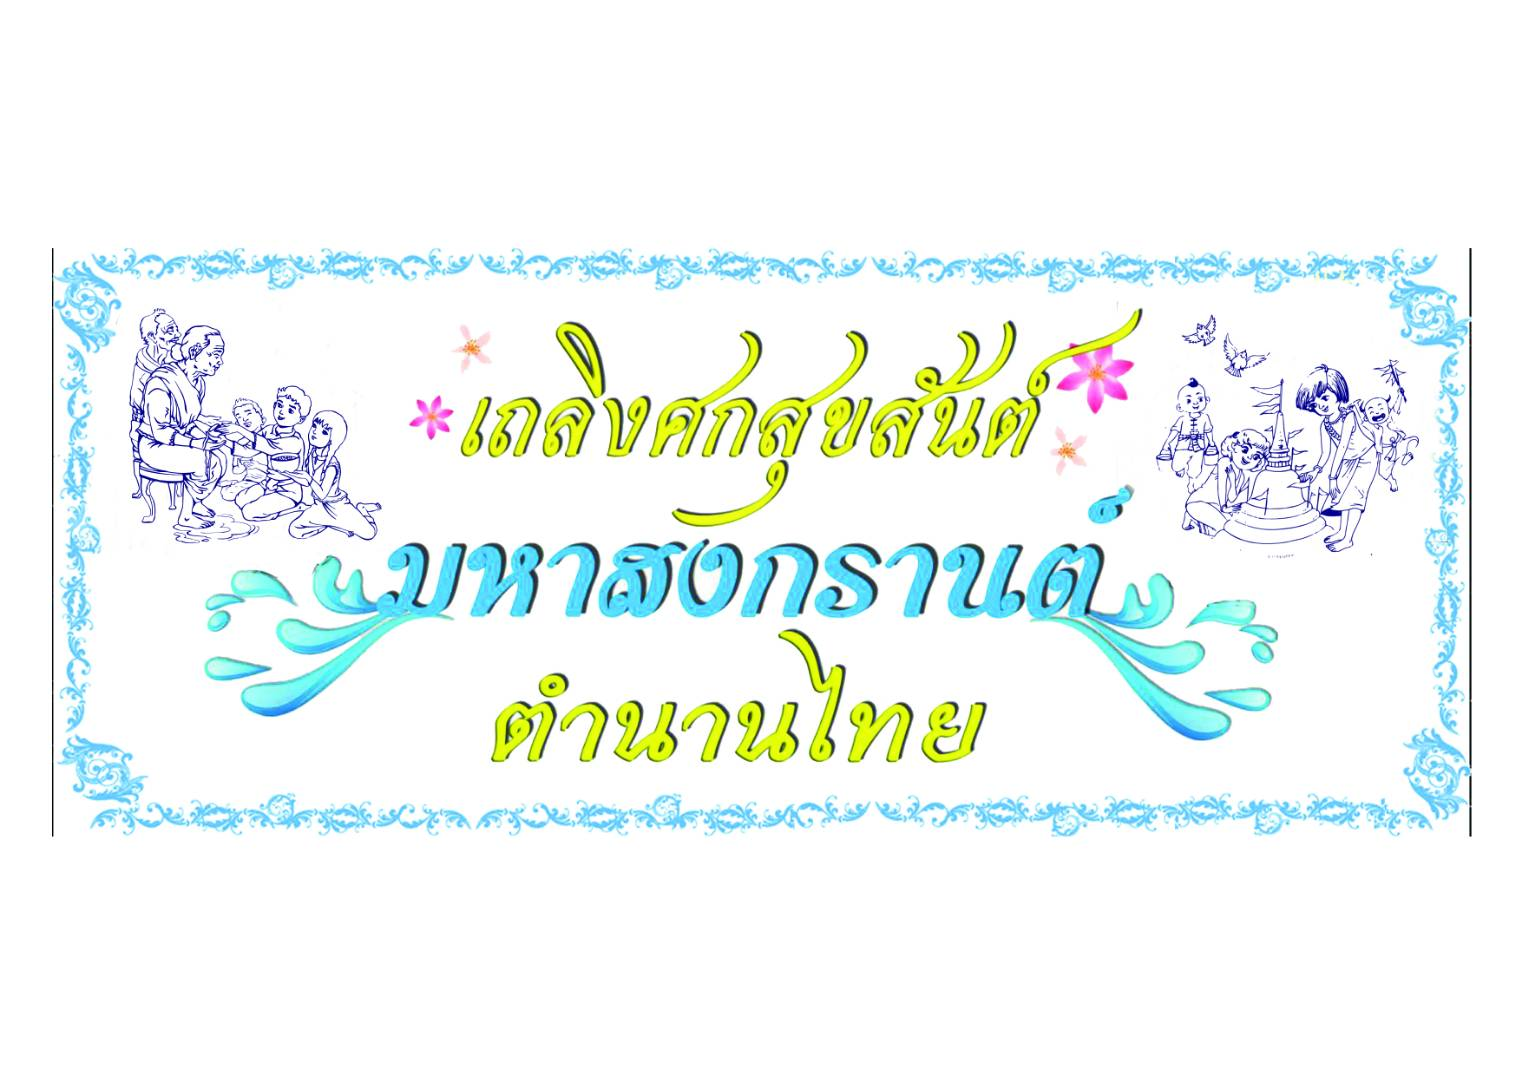 งานเถลิงศกสุขสันต์ มหาสงกรานต์ ตำนานไทย 6 – 8 เมษายน 2561 ณ พระลานพระราชวังดุสิตและสนามเสือป่า